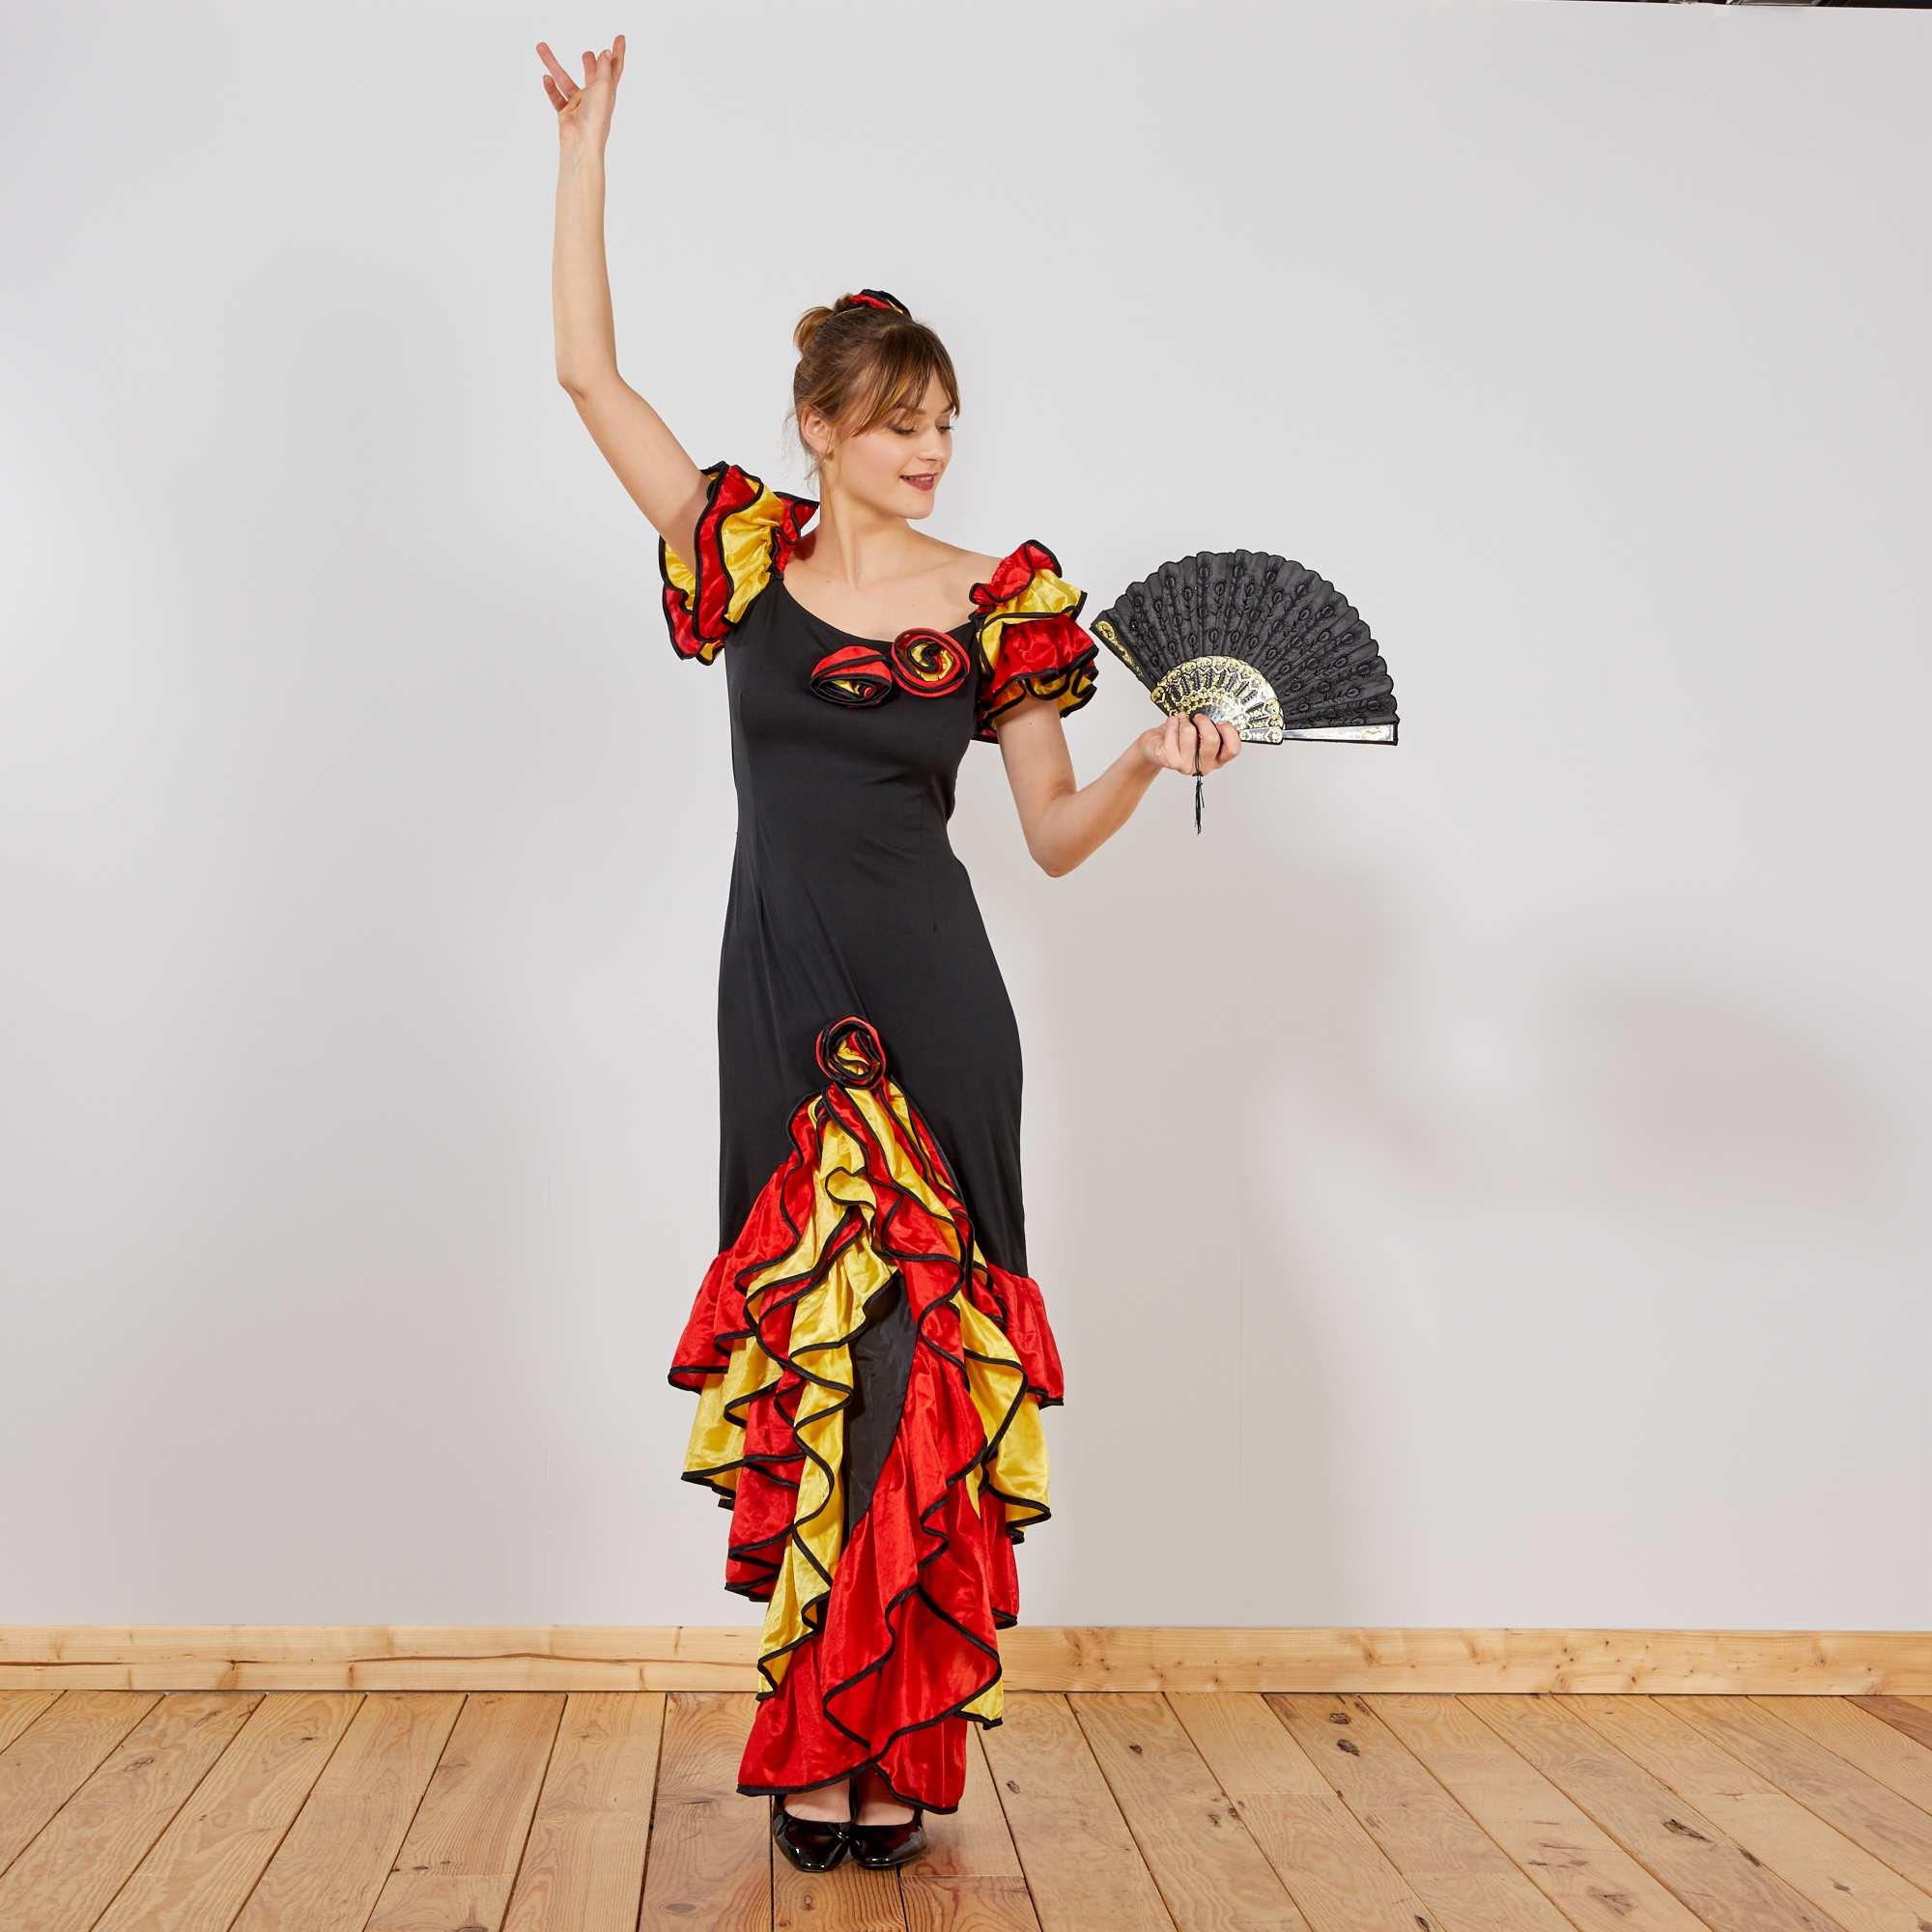 b9049e3448647 Robe de flamenco Femme - noir rouge jaune - Kiabi - 29